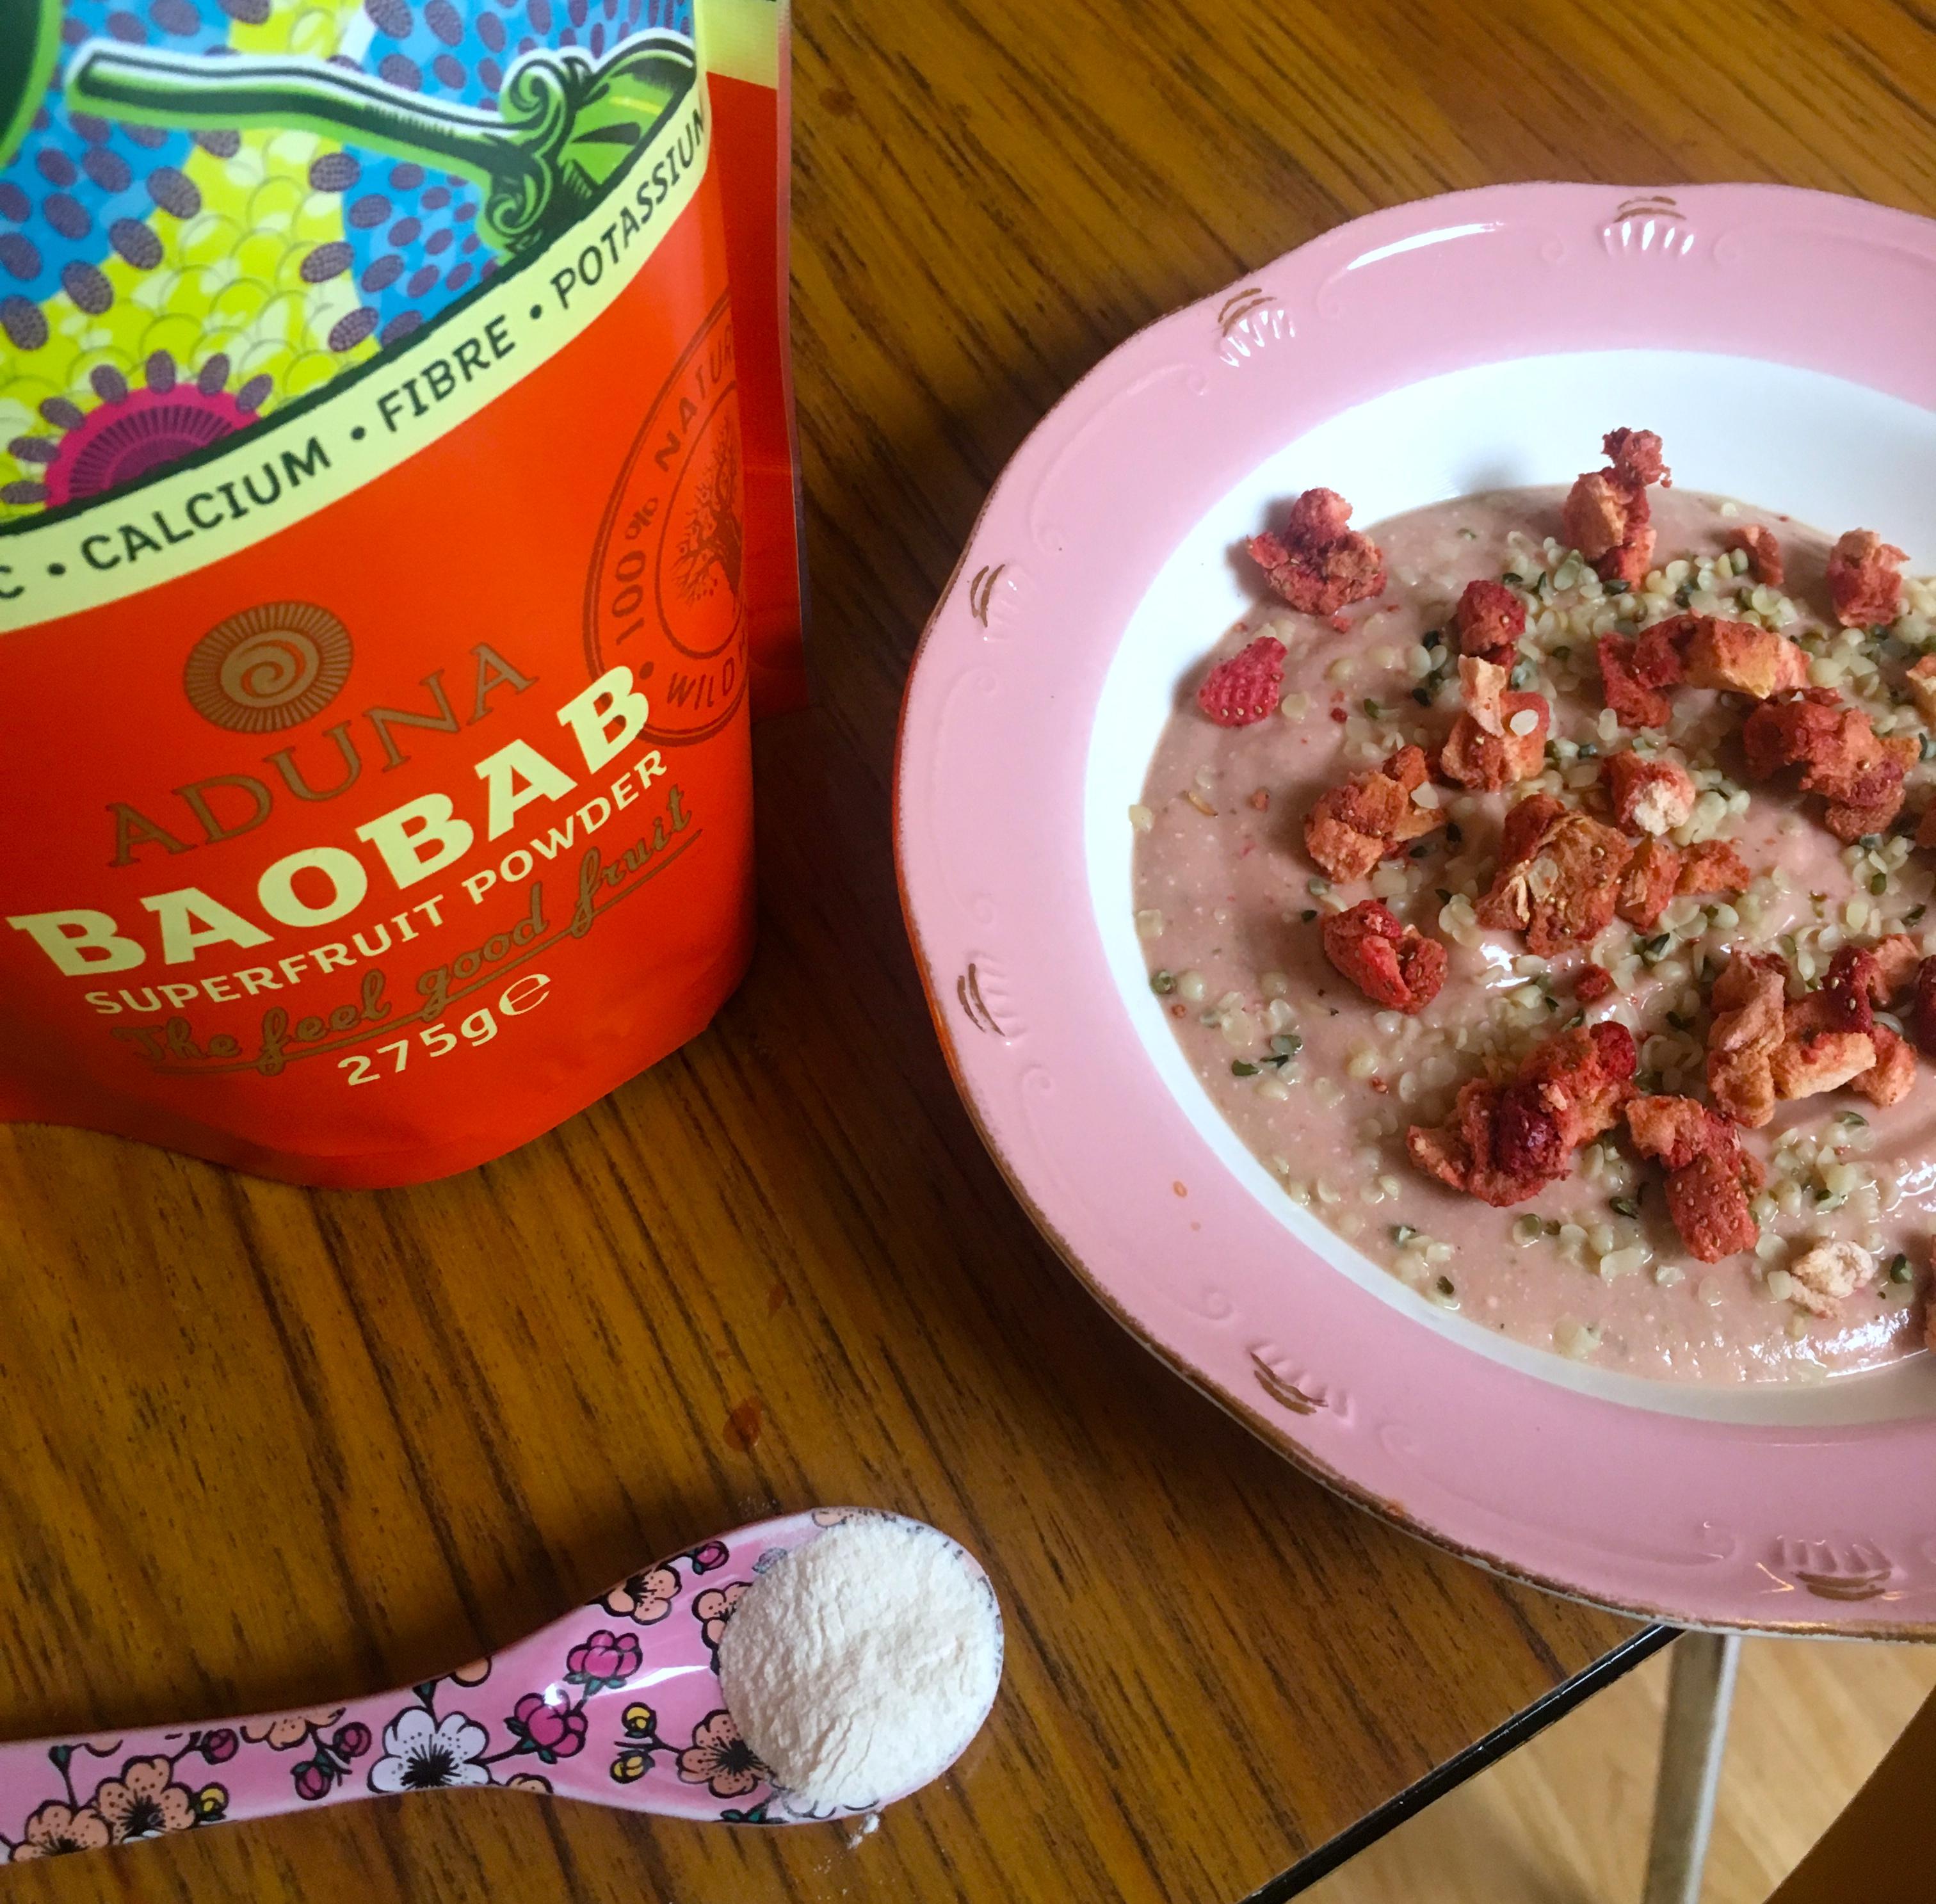 Jordbærsmoothie med baobab